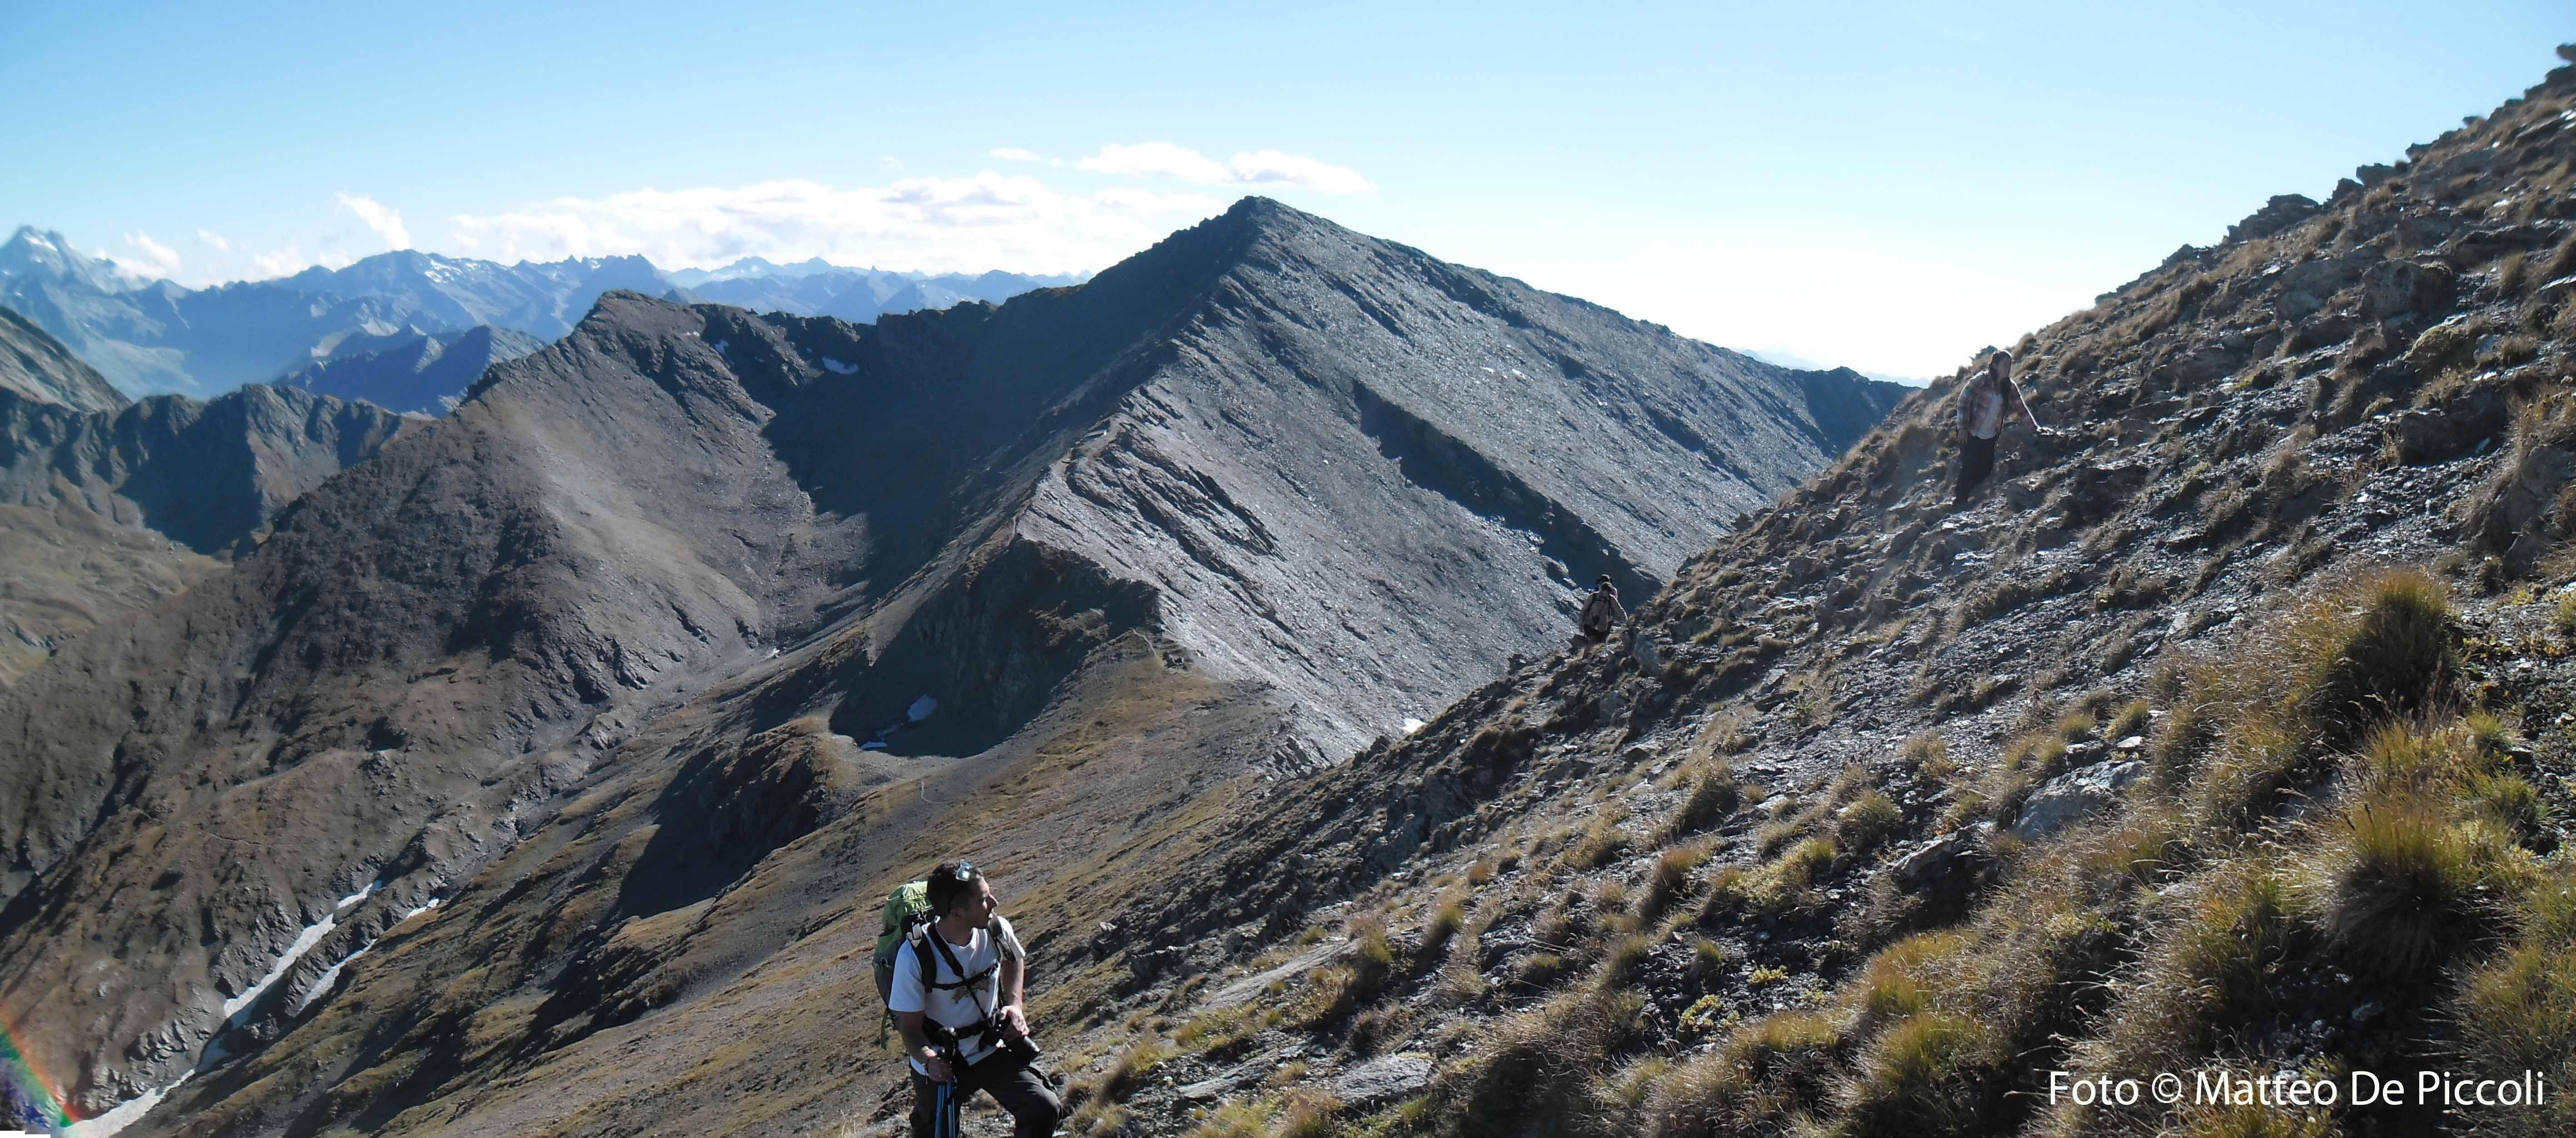 Salento a cima Frappier, è evidente il percorso intrapreso: dalla valle sottostante si risale il catino verso Punta Rasin e poi si percorre tutta la cresta